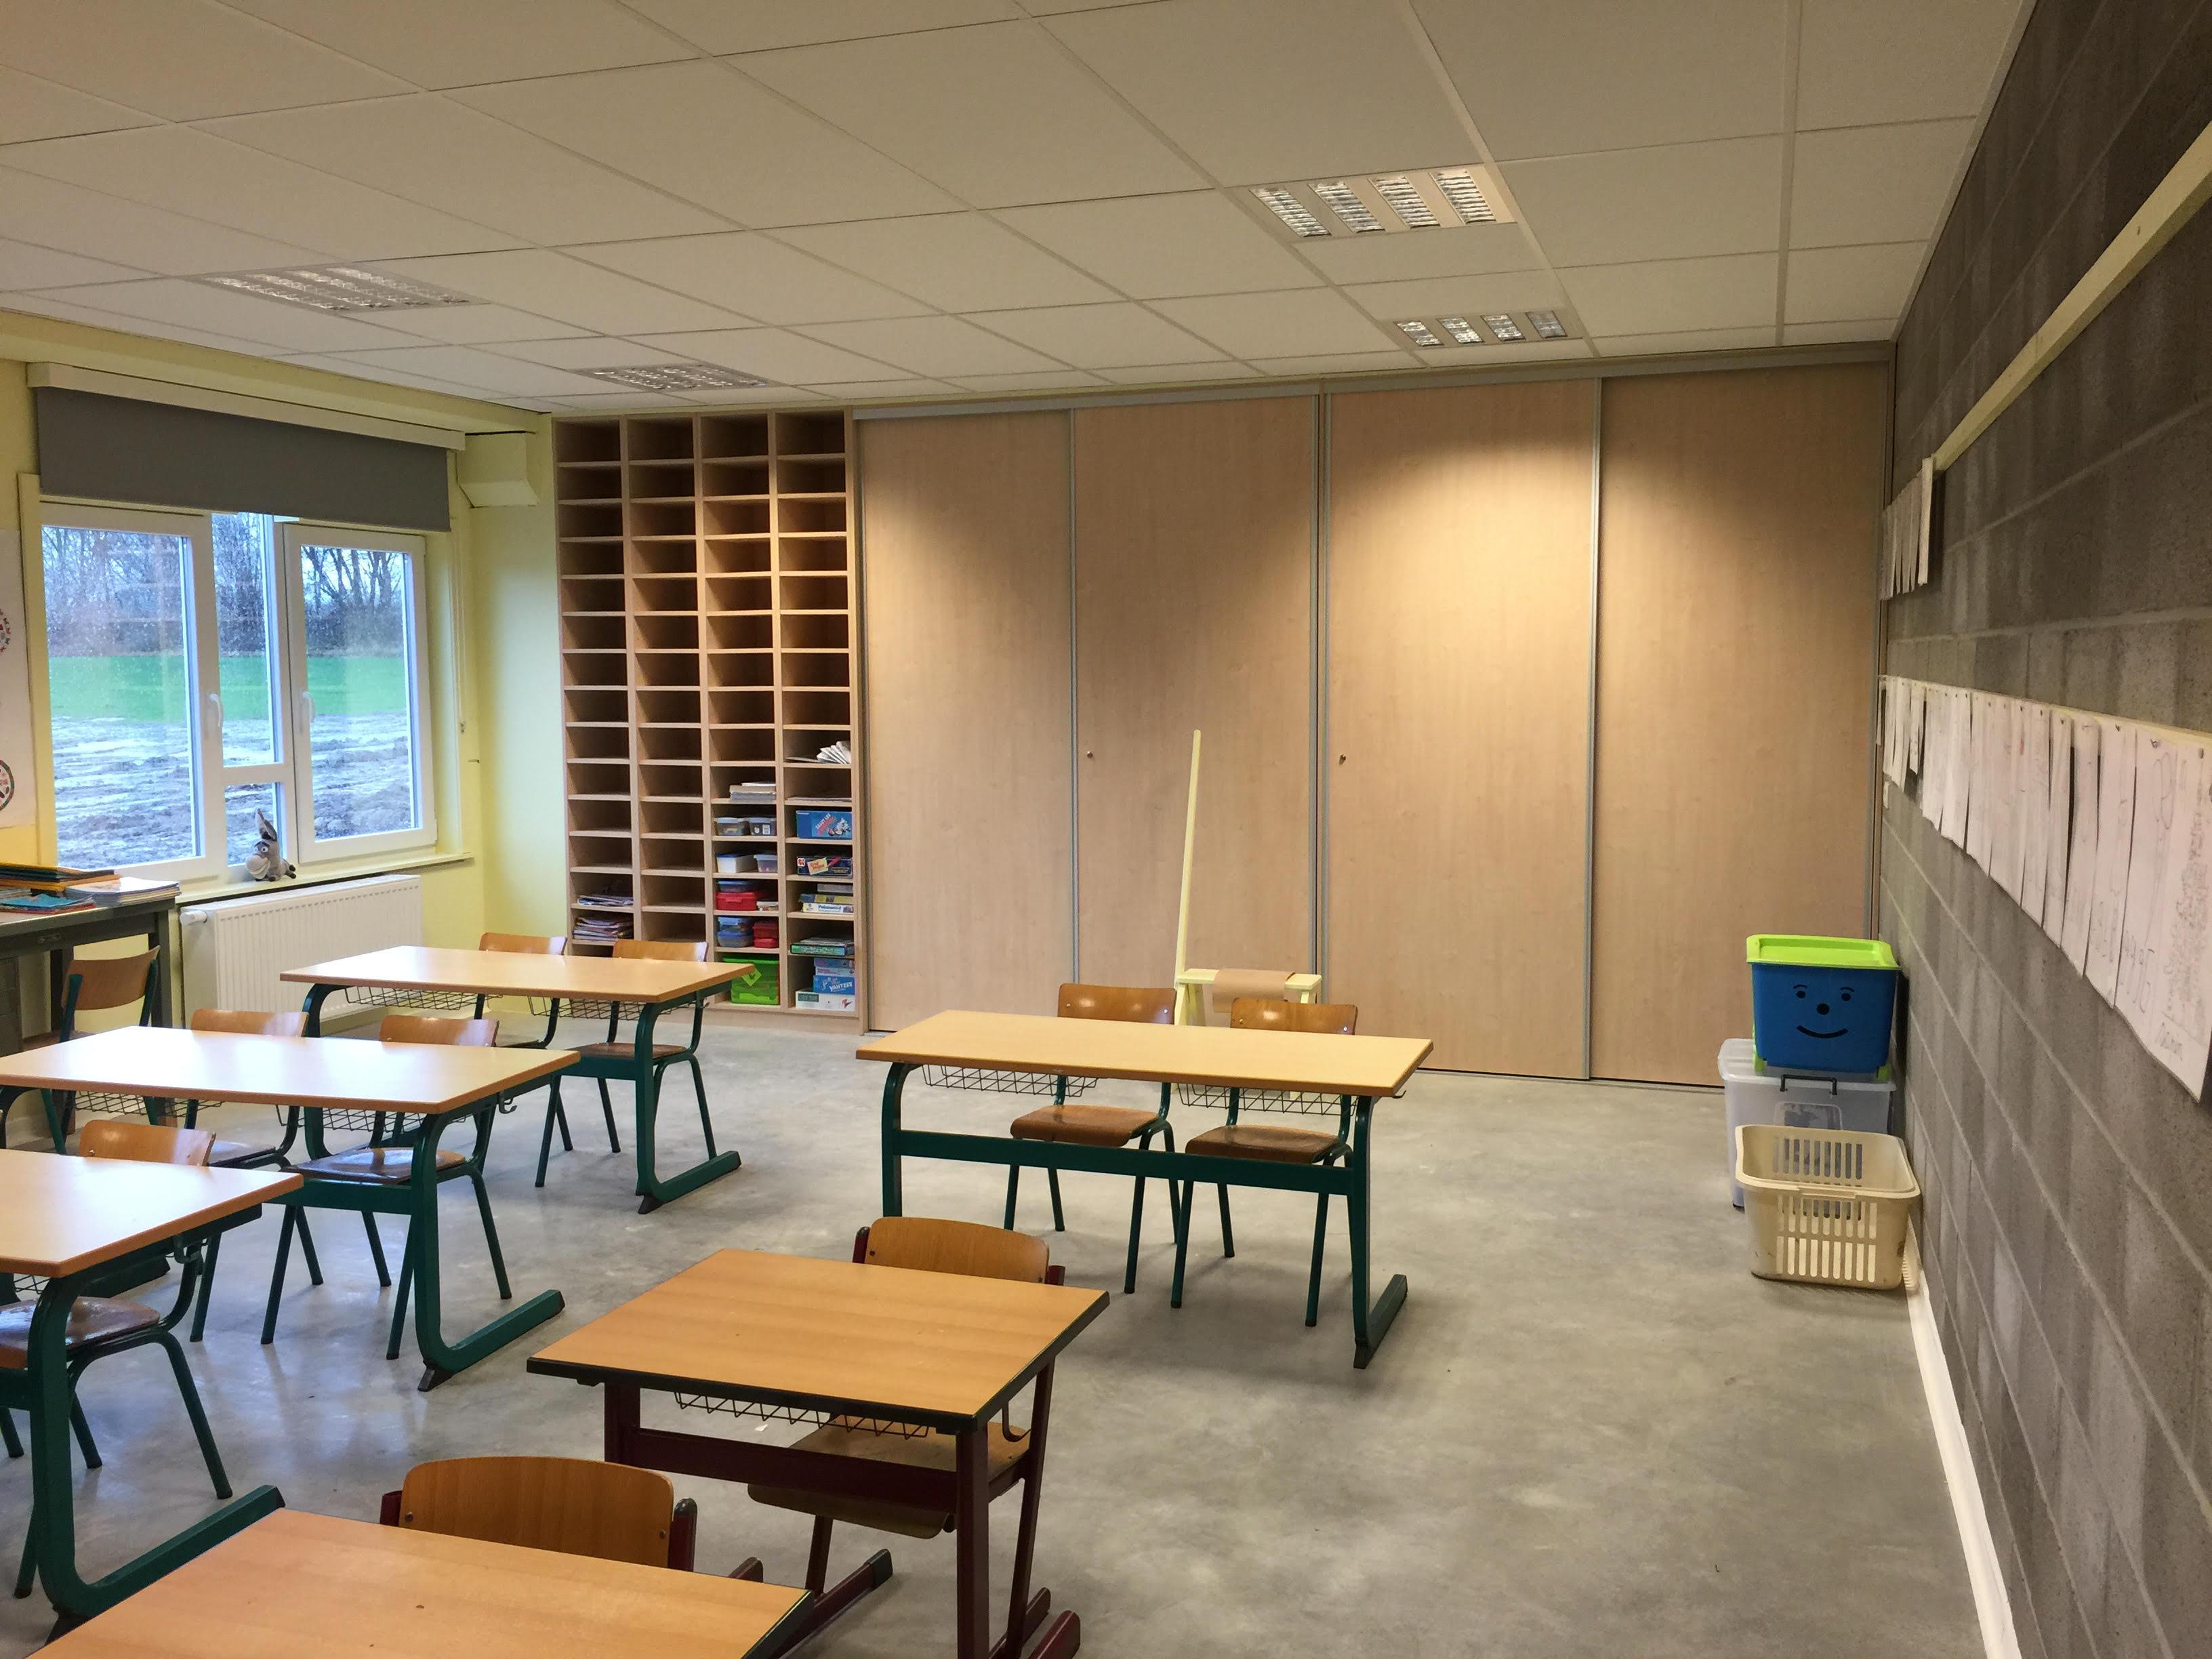 Meuble de rangement pour une école - Mobilier sur mesure